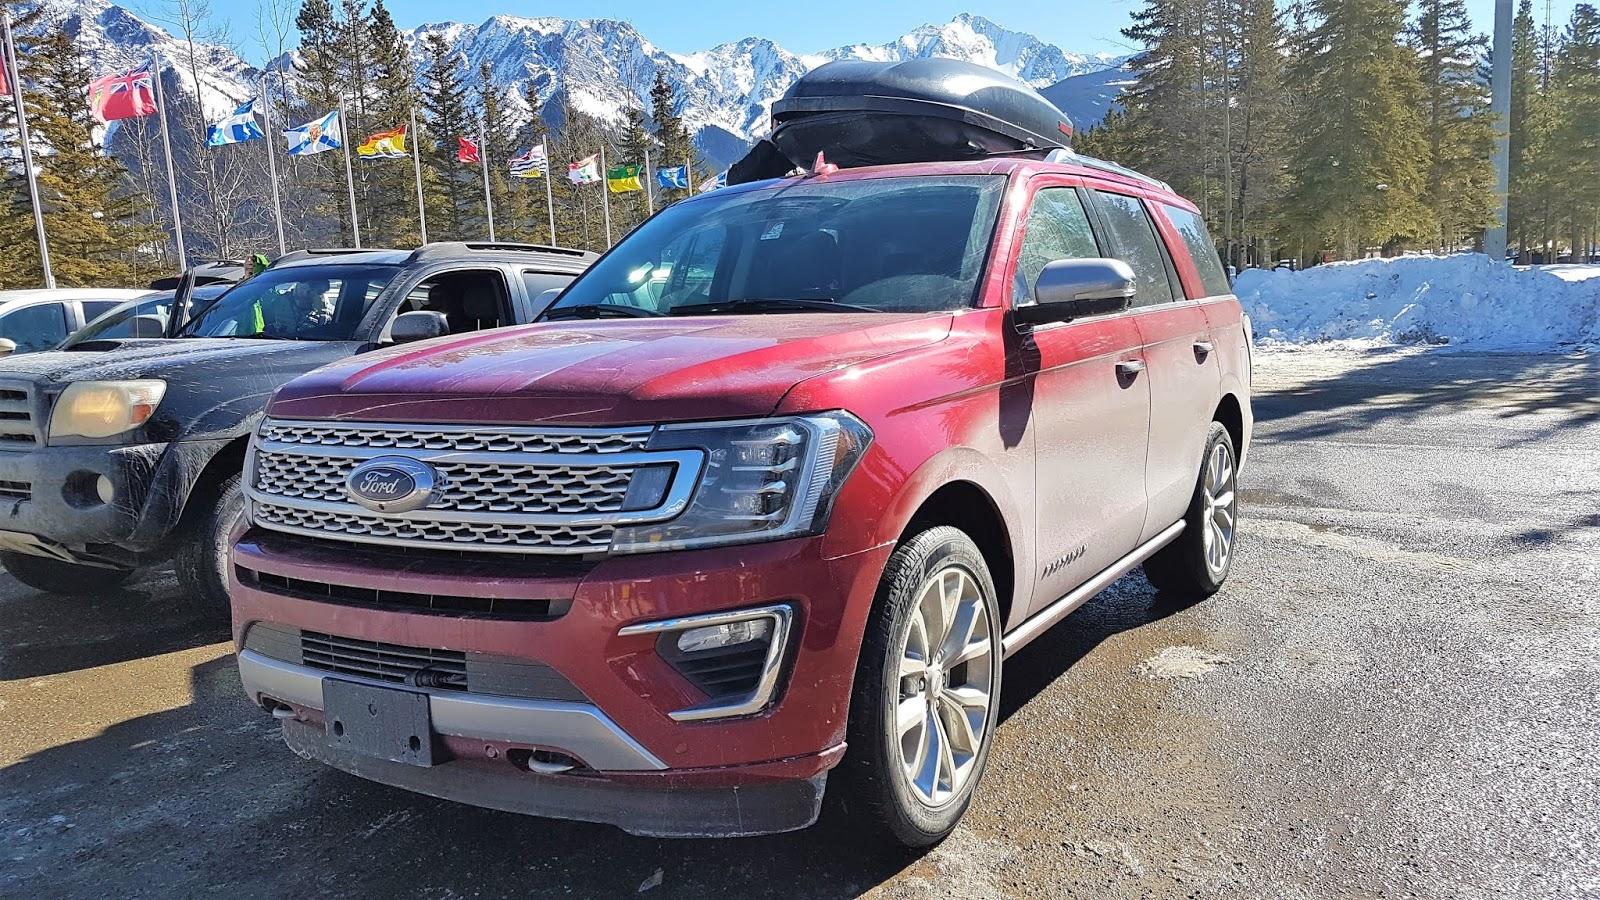 2019 Ford Expedition at Nakiska